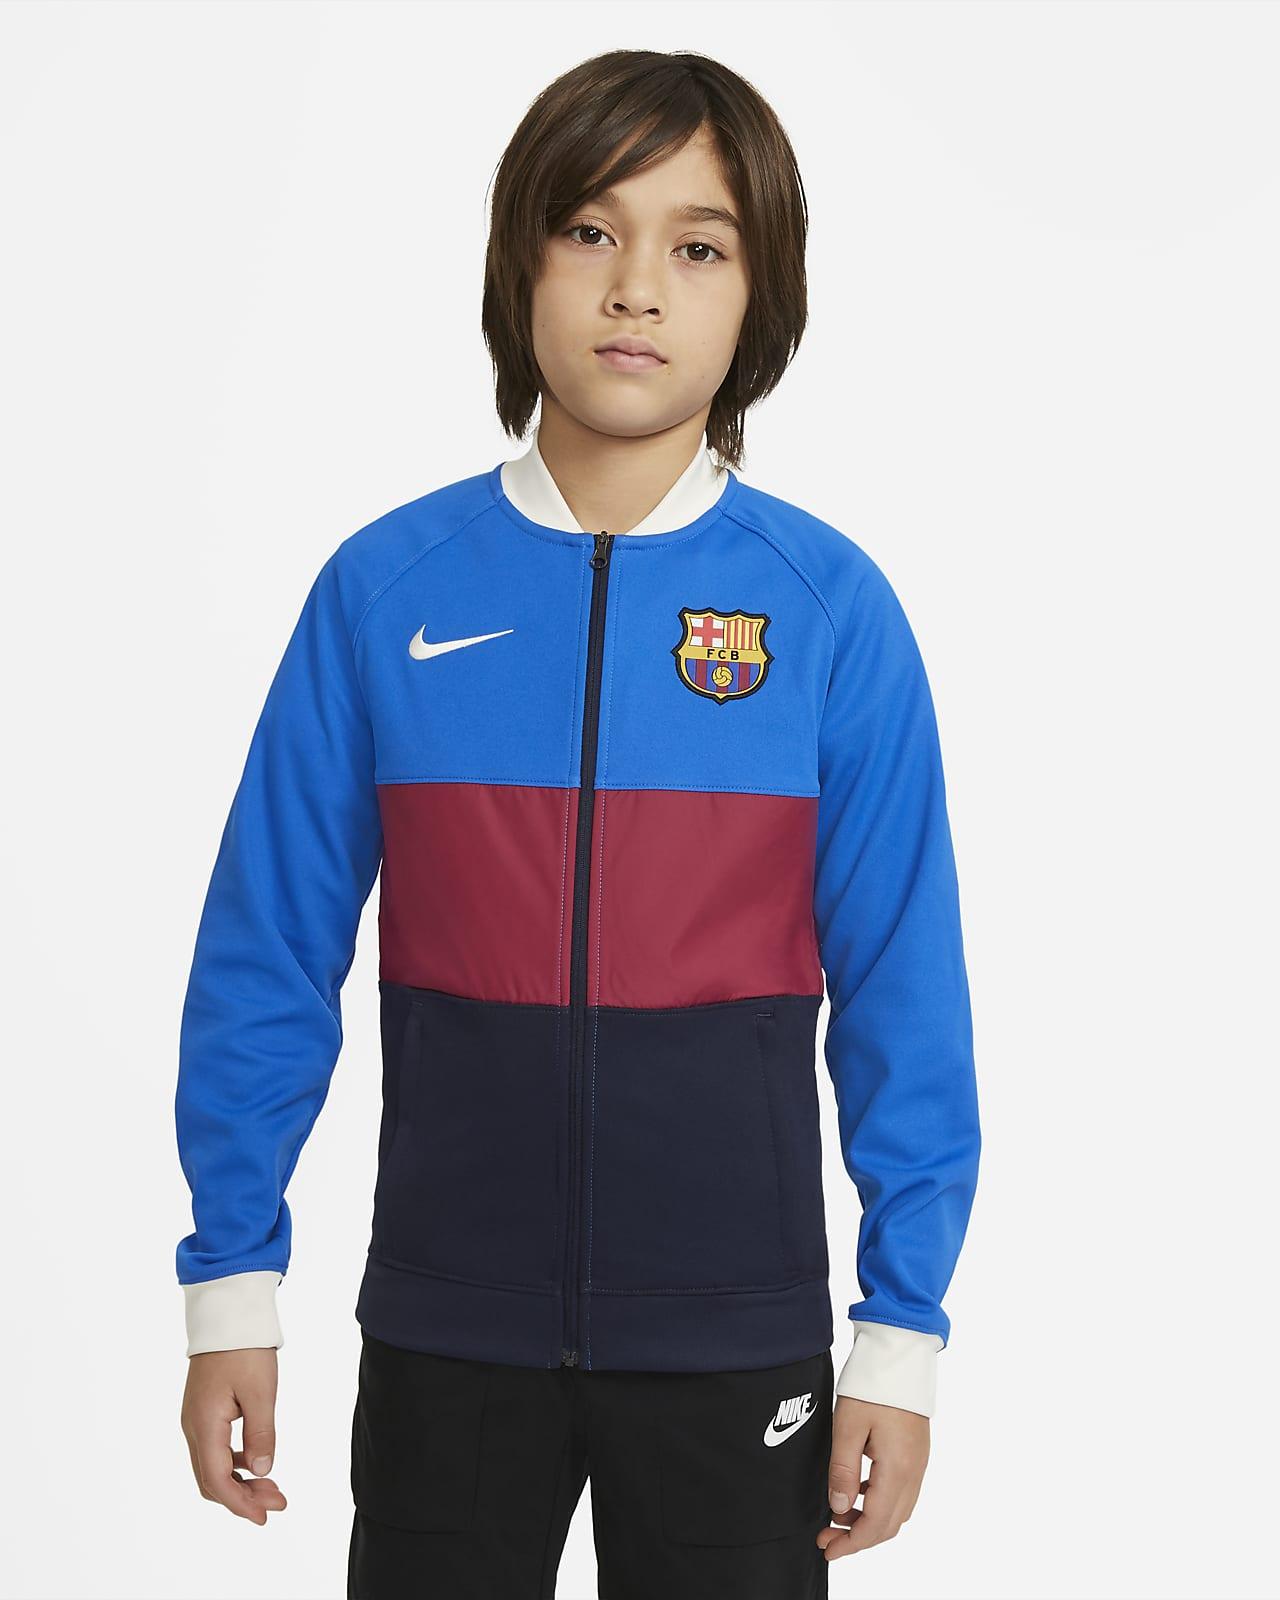 FC Barcelona Fußball-Track-Jacket mit durchgehendem Reißverschluss für ältere Kinder